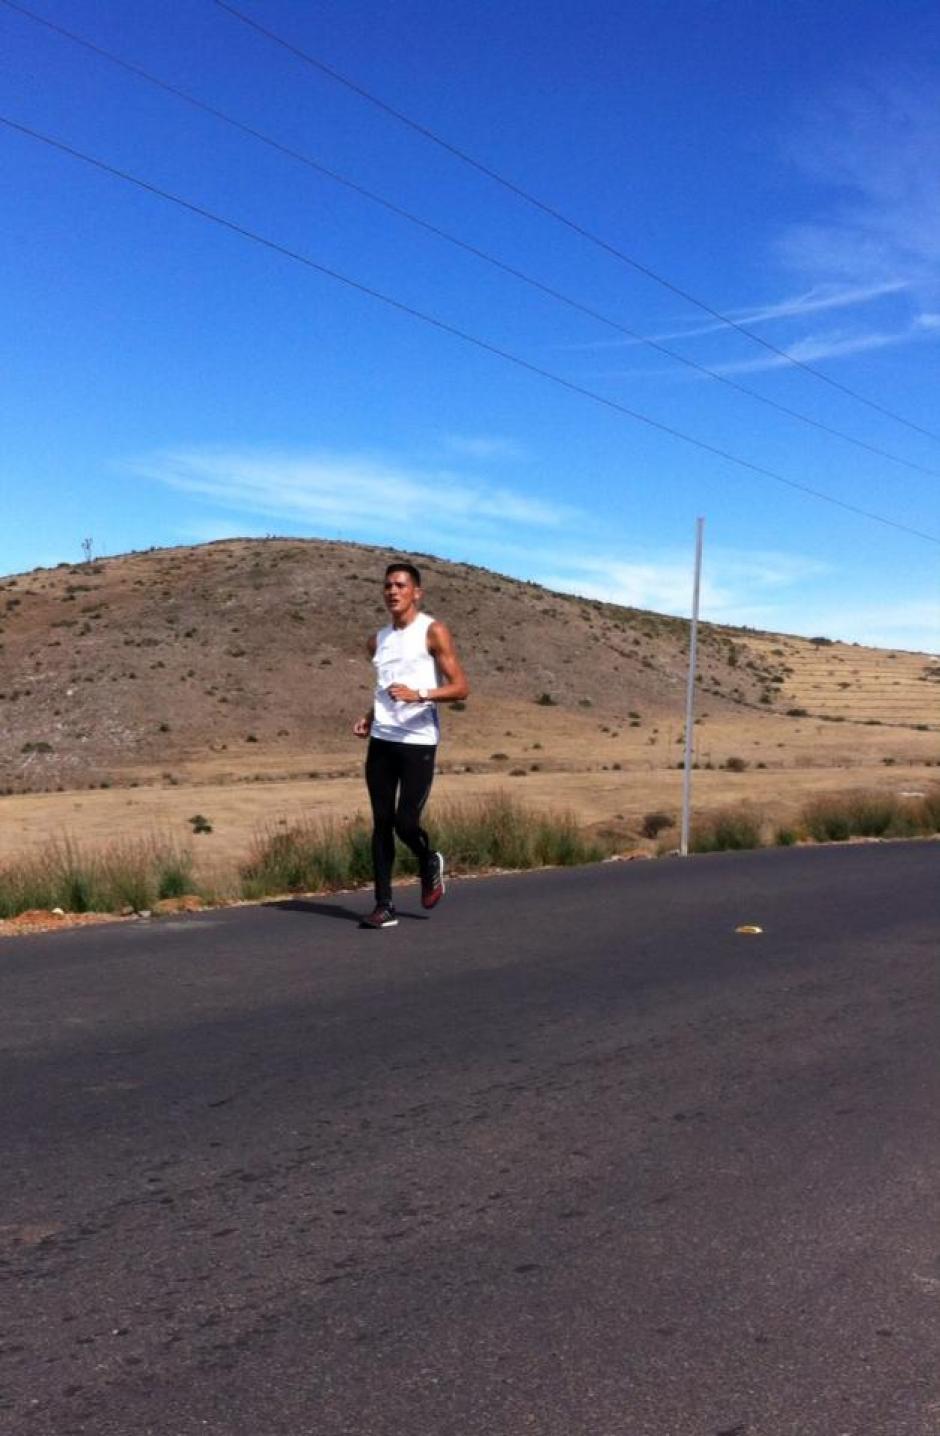 Jaime Quiyuch está clasificado en la prueba de 50 kilómetros de los Juegos Olímpicos de Río 2016. (Foto: Cortesía de Julio Urías)